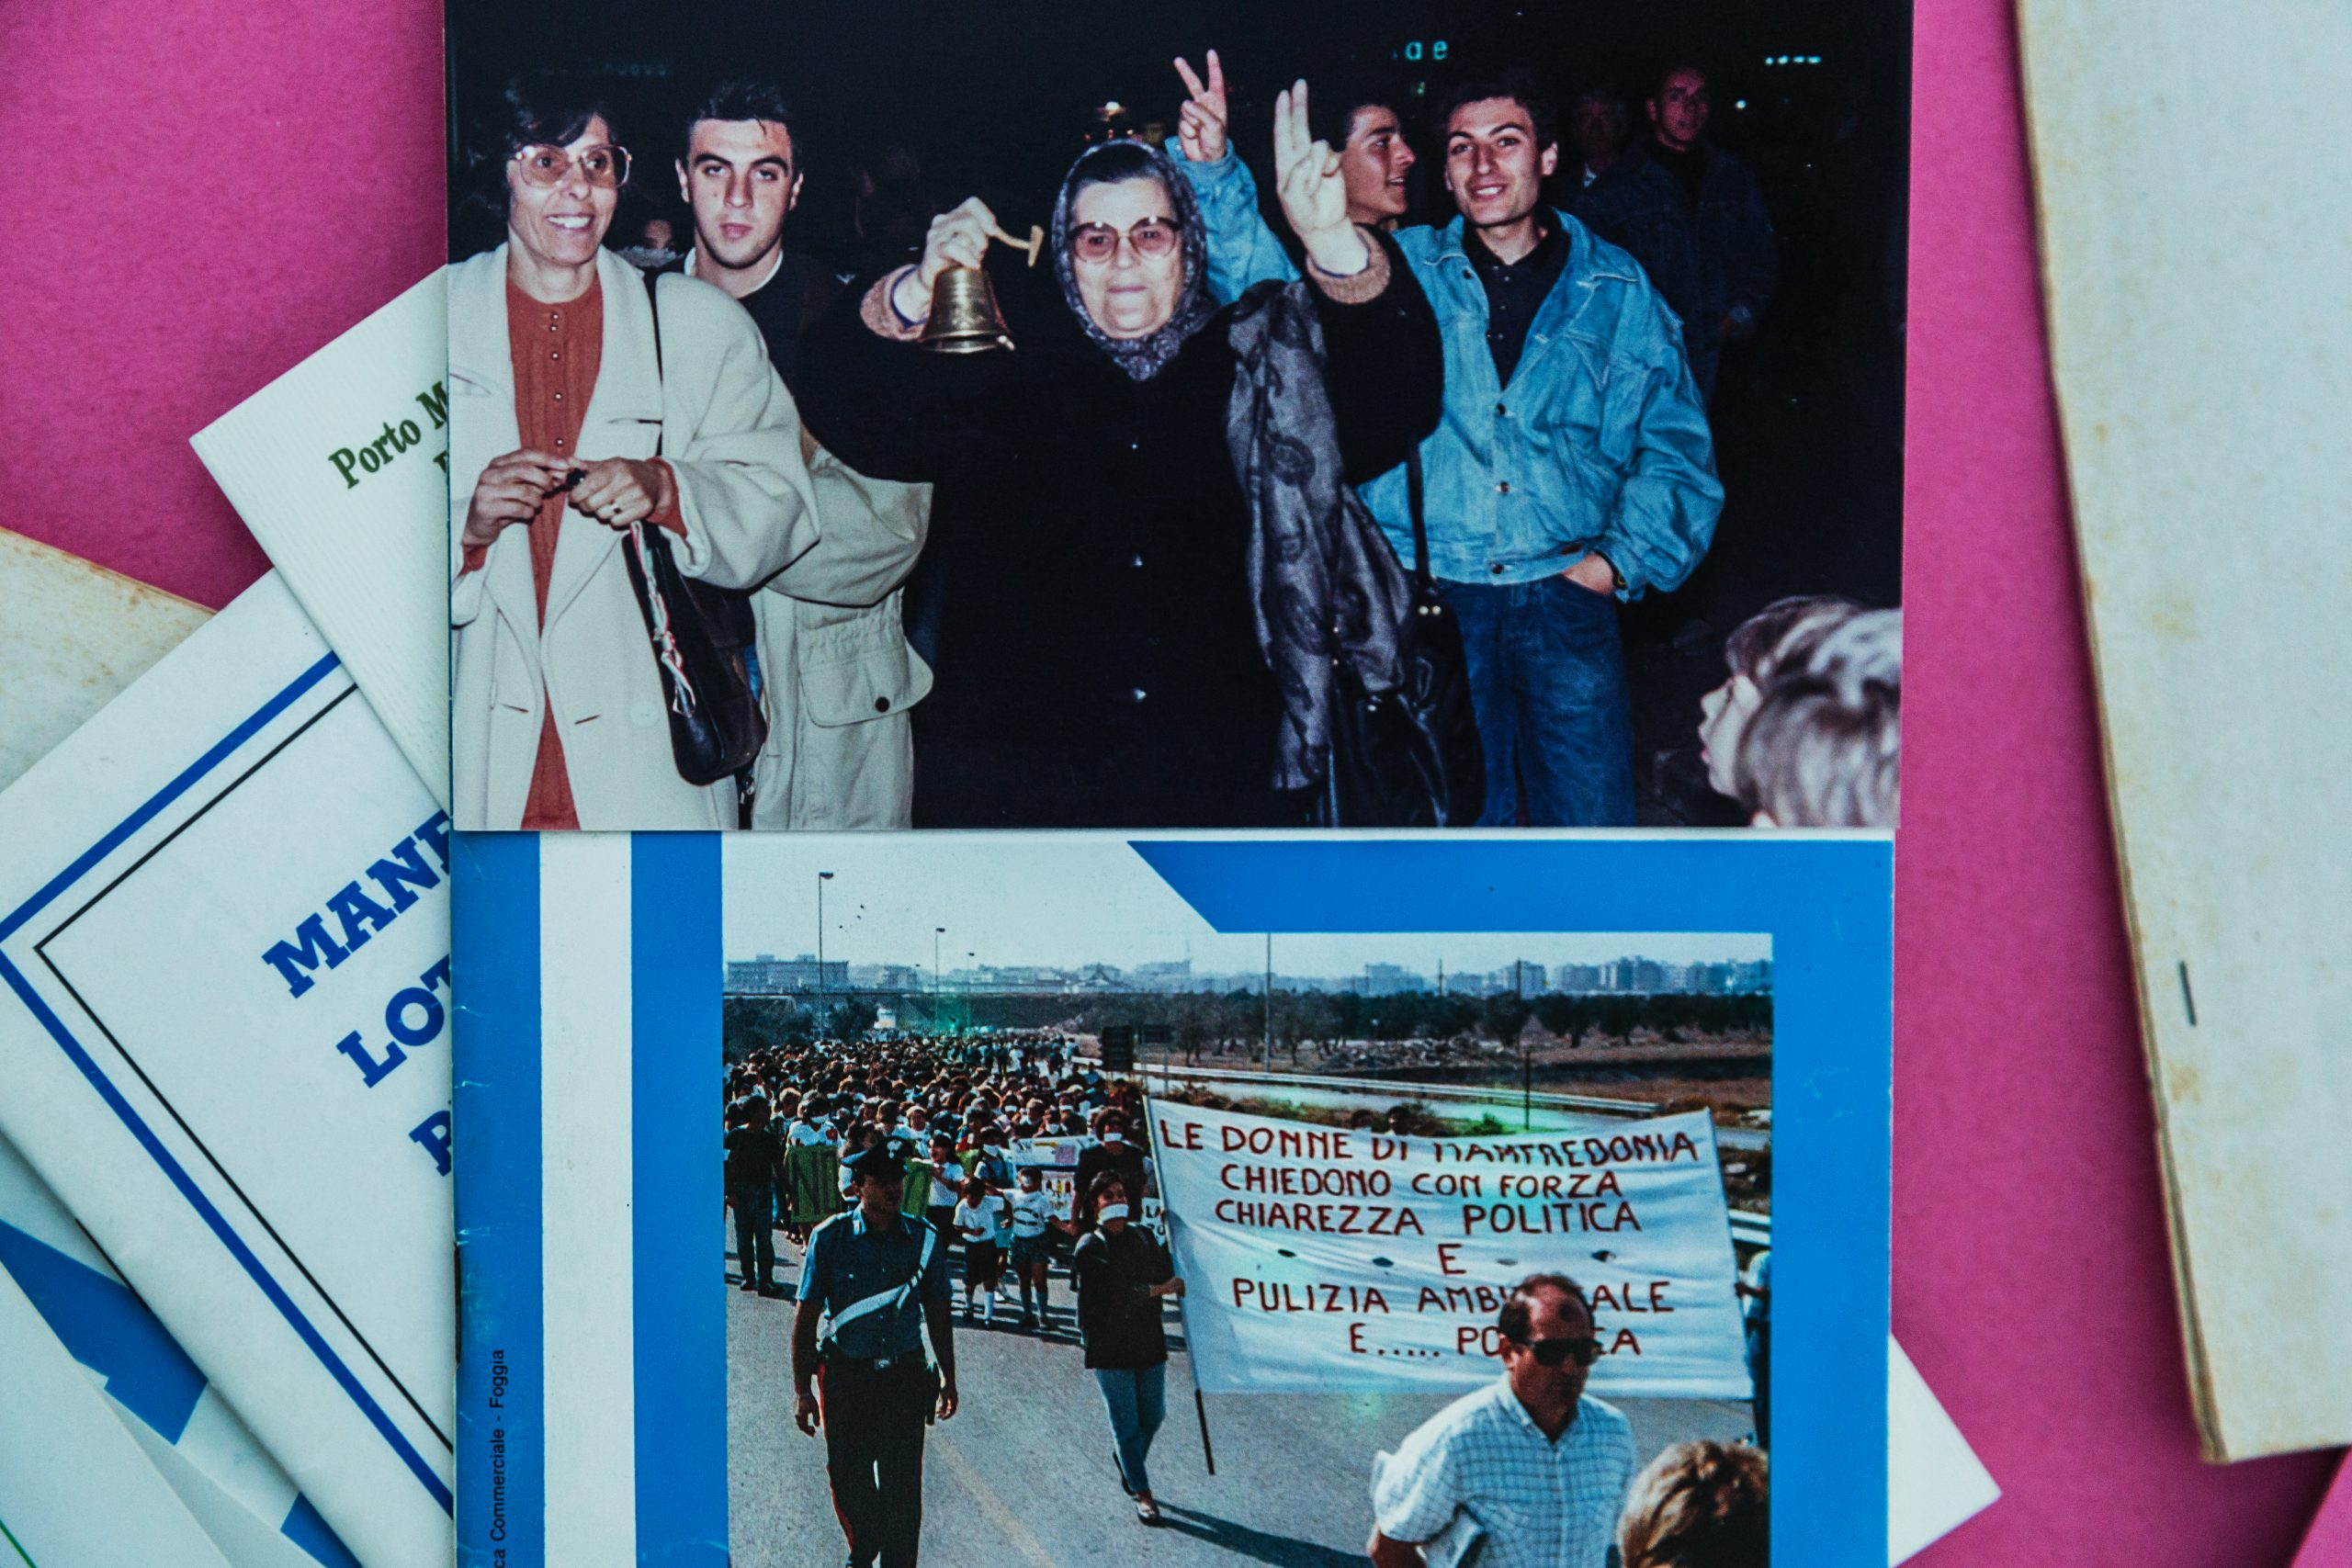 """Manfredonia - Foto storiche (diMimmo Guerra): sotto, movimento cittadino """"Donne di Manfredonia"""" in corteo contro le linee di condotta dell'EniChem. Sopra: foto di festeggiamenti durante le proteste."""